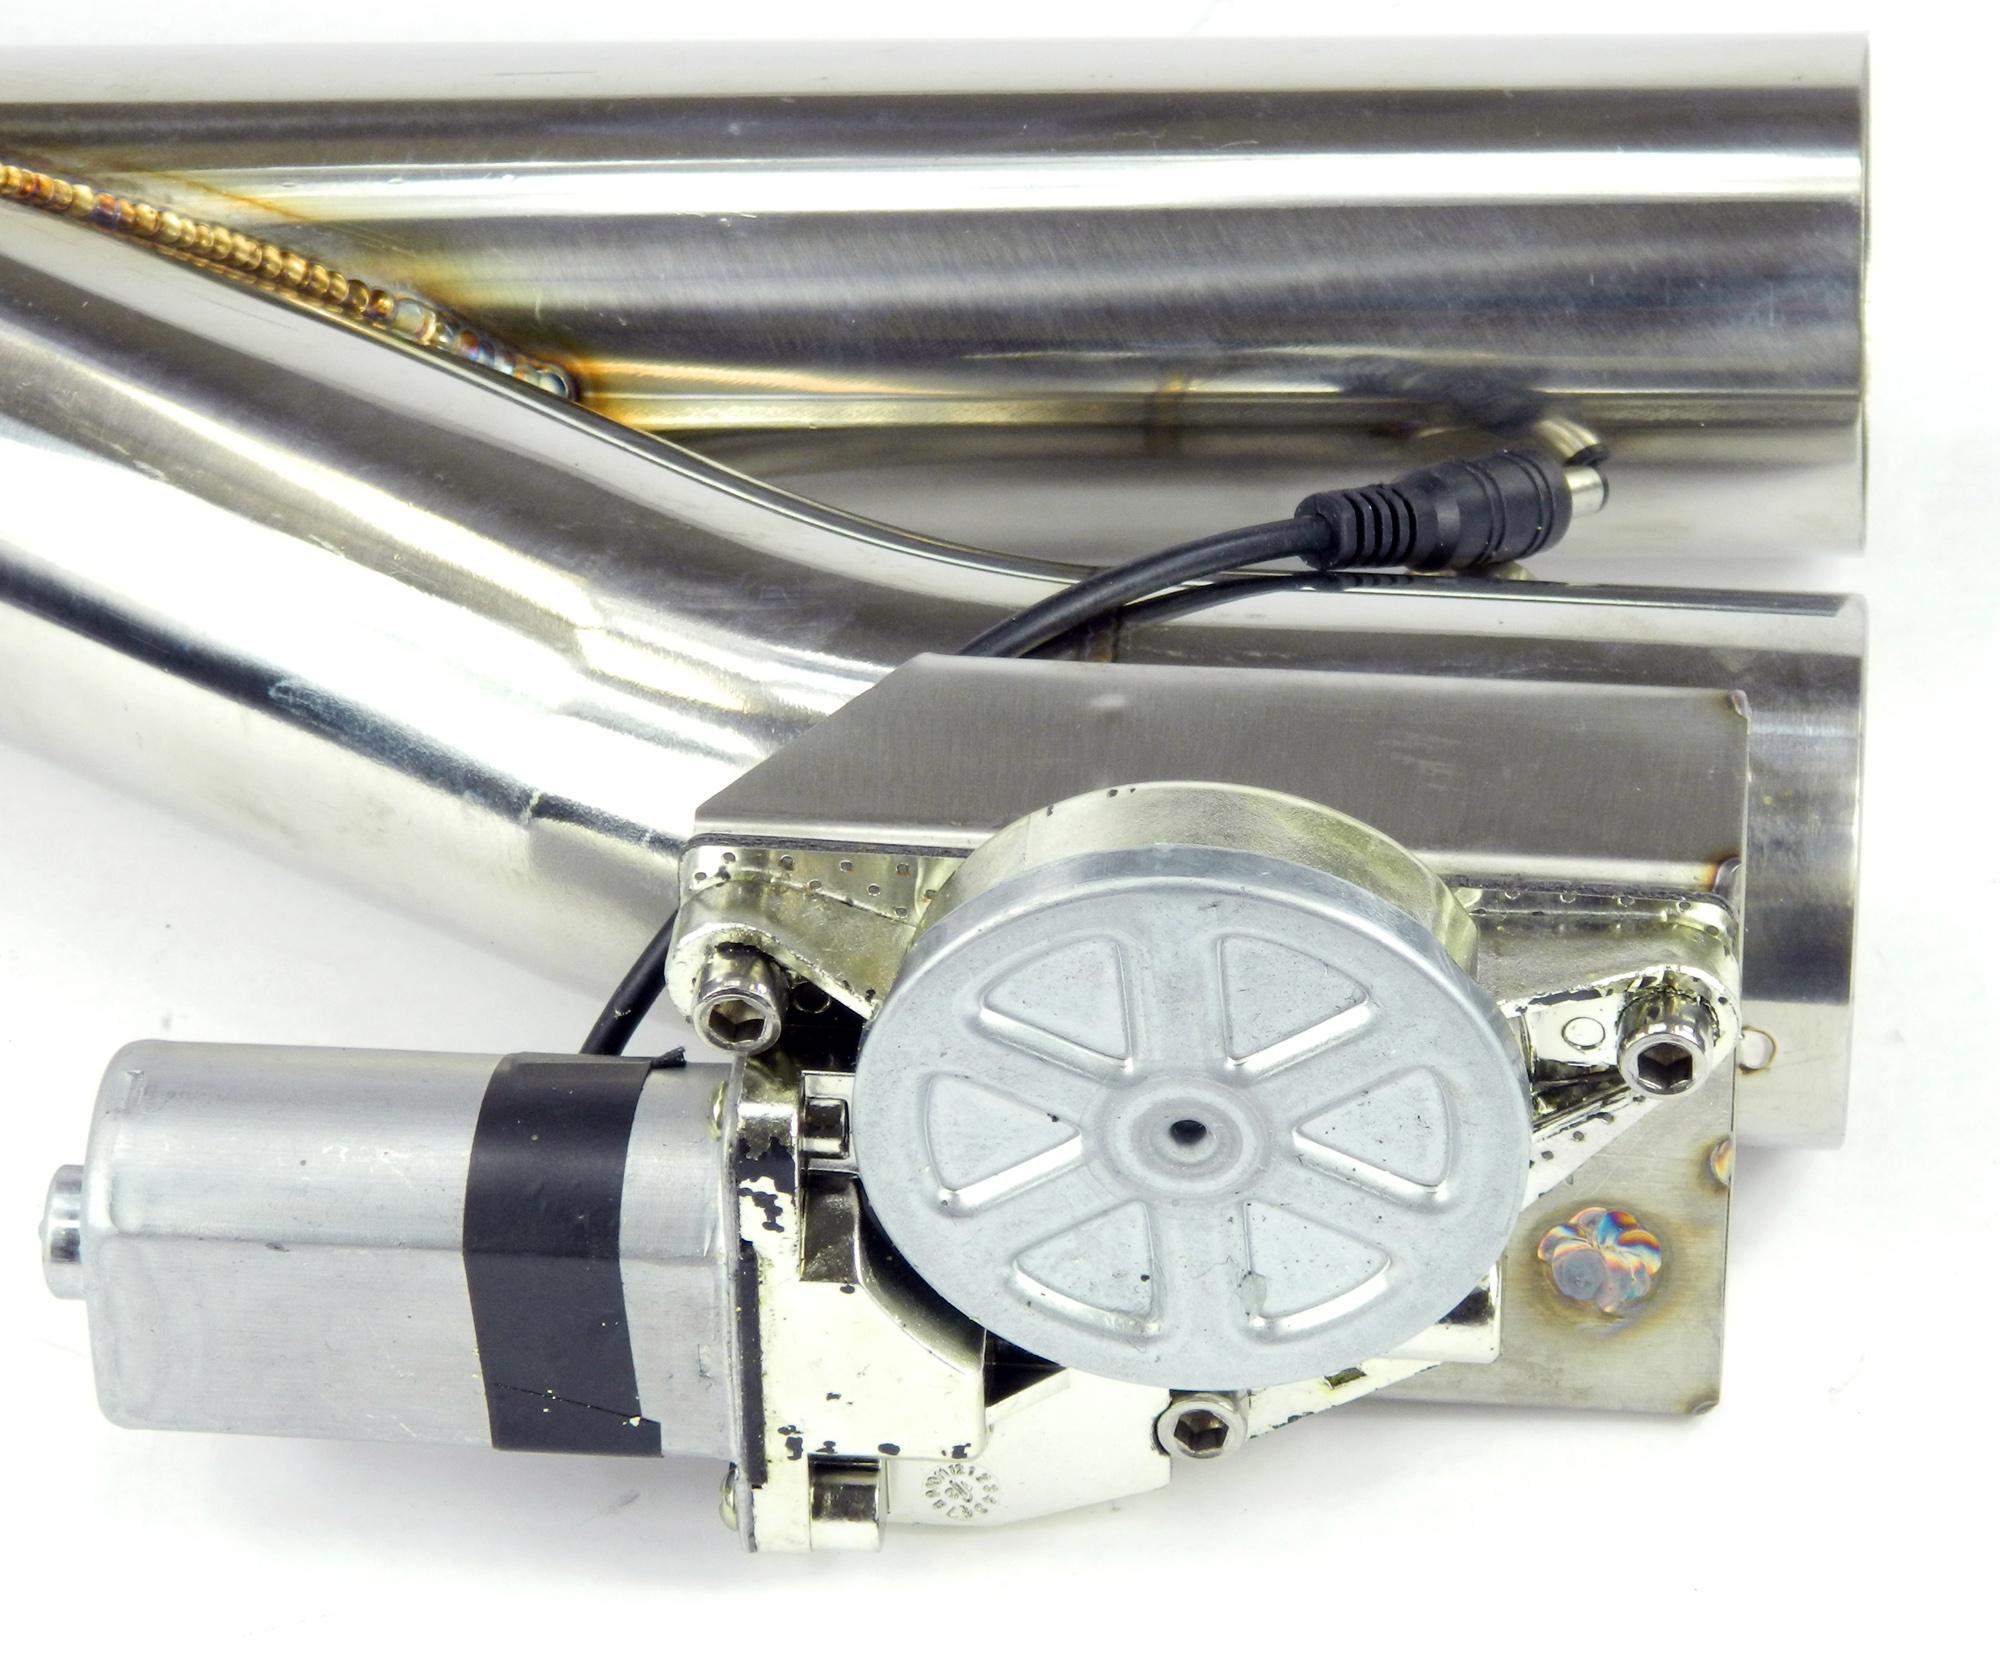 Duales Klappenauspuff-System Y-Rohr, elektrisch inkl. Fernbedienung - 57mm Außendurchmesser